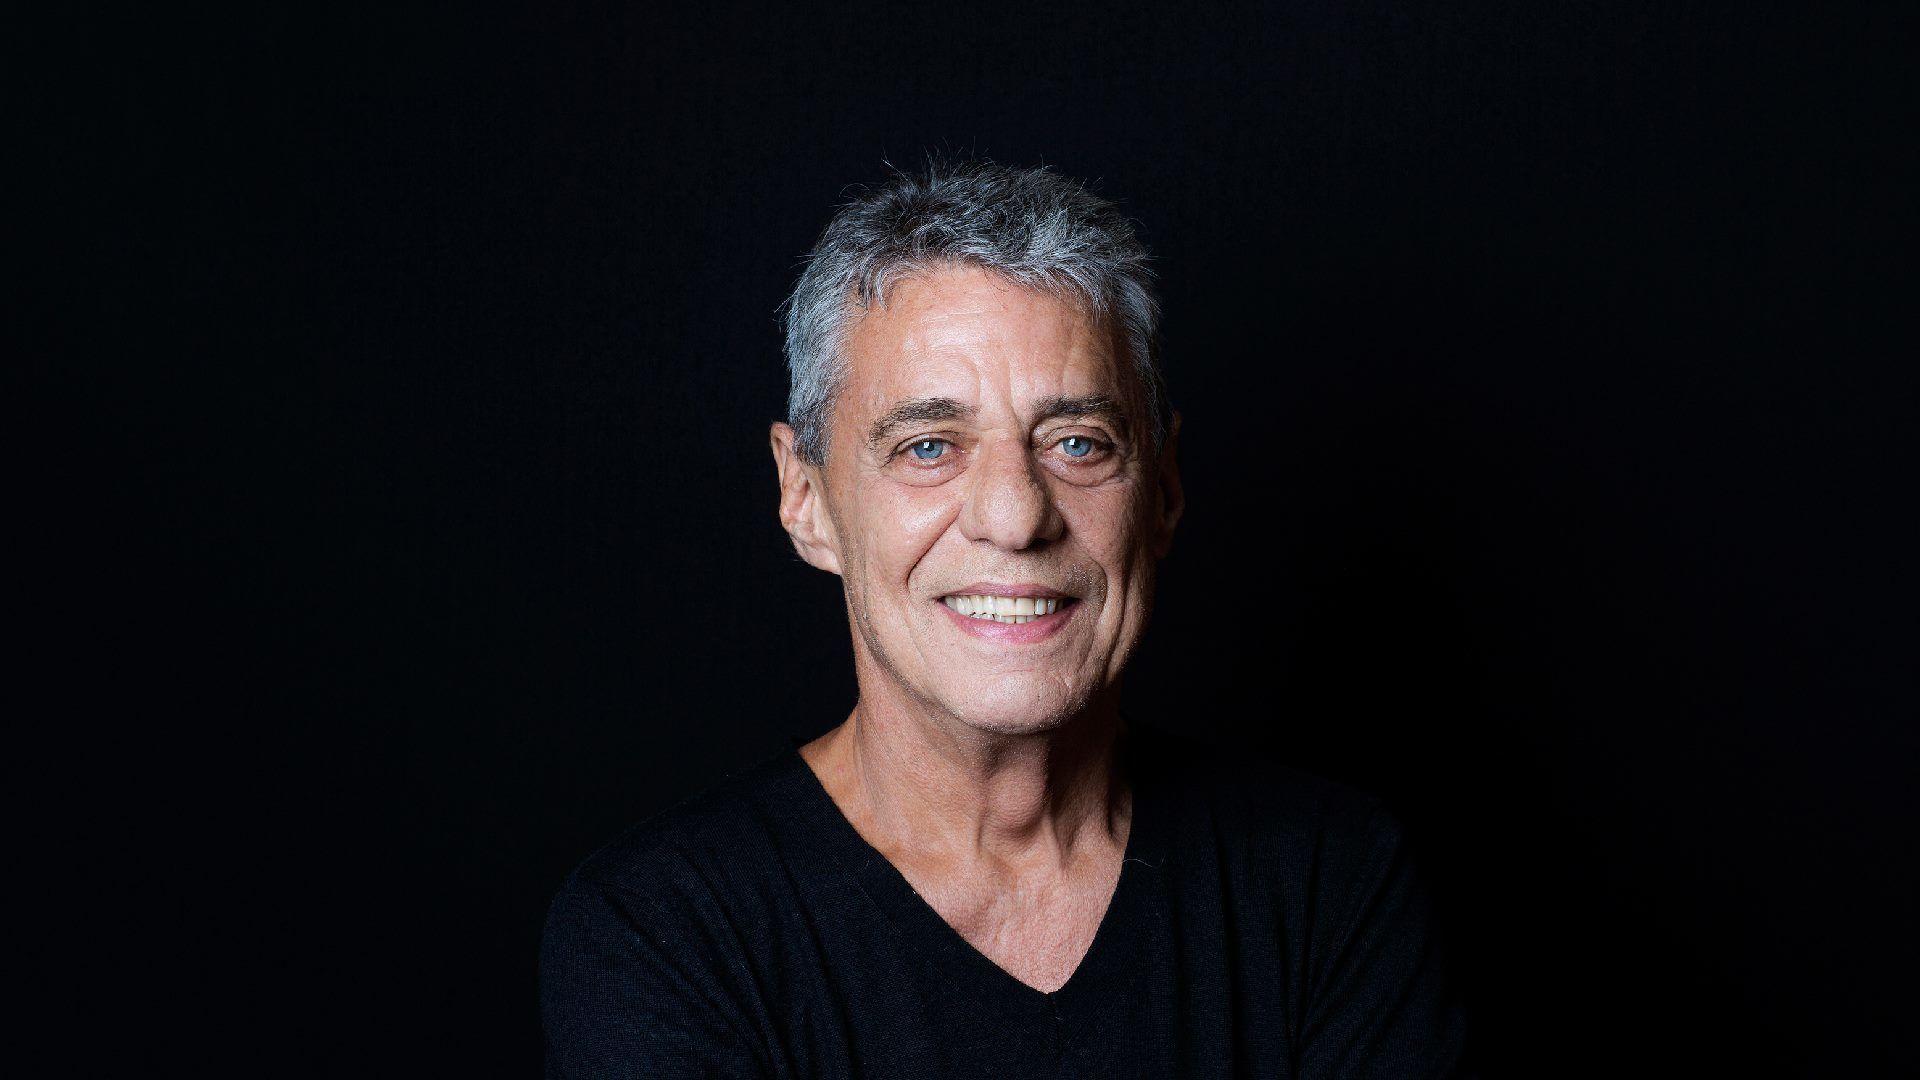 Chico Buarque é o vencedor do Prémio Camões 2019